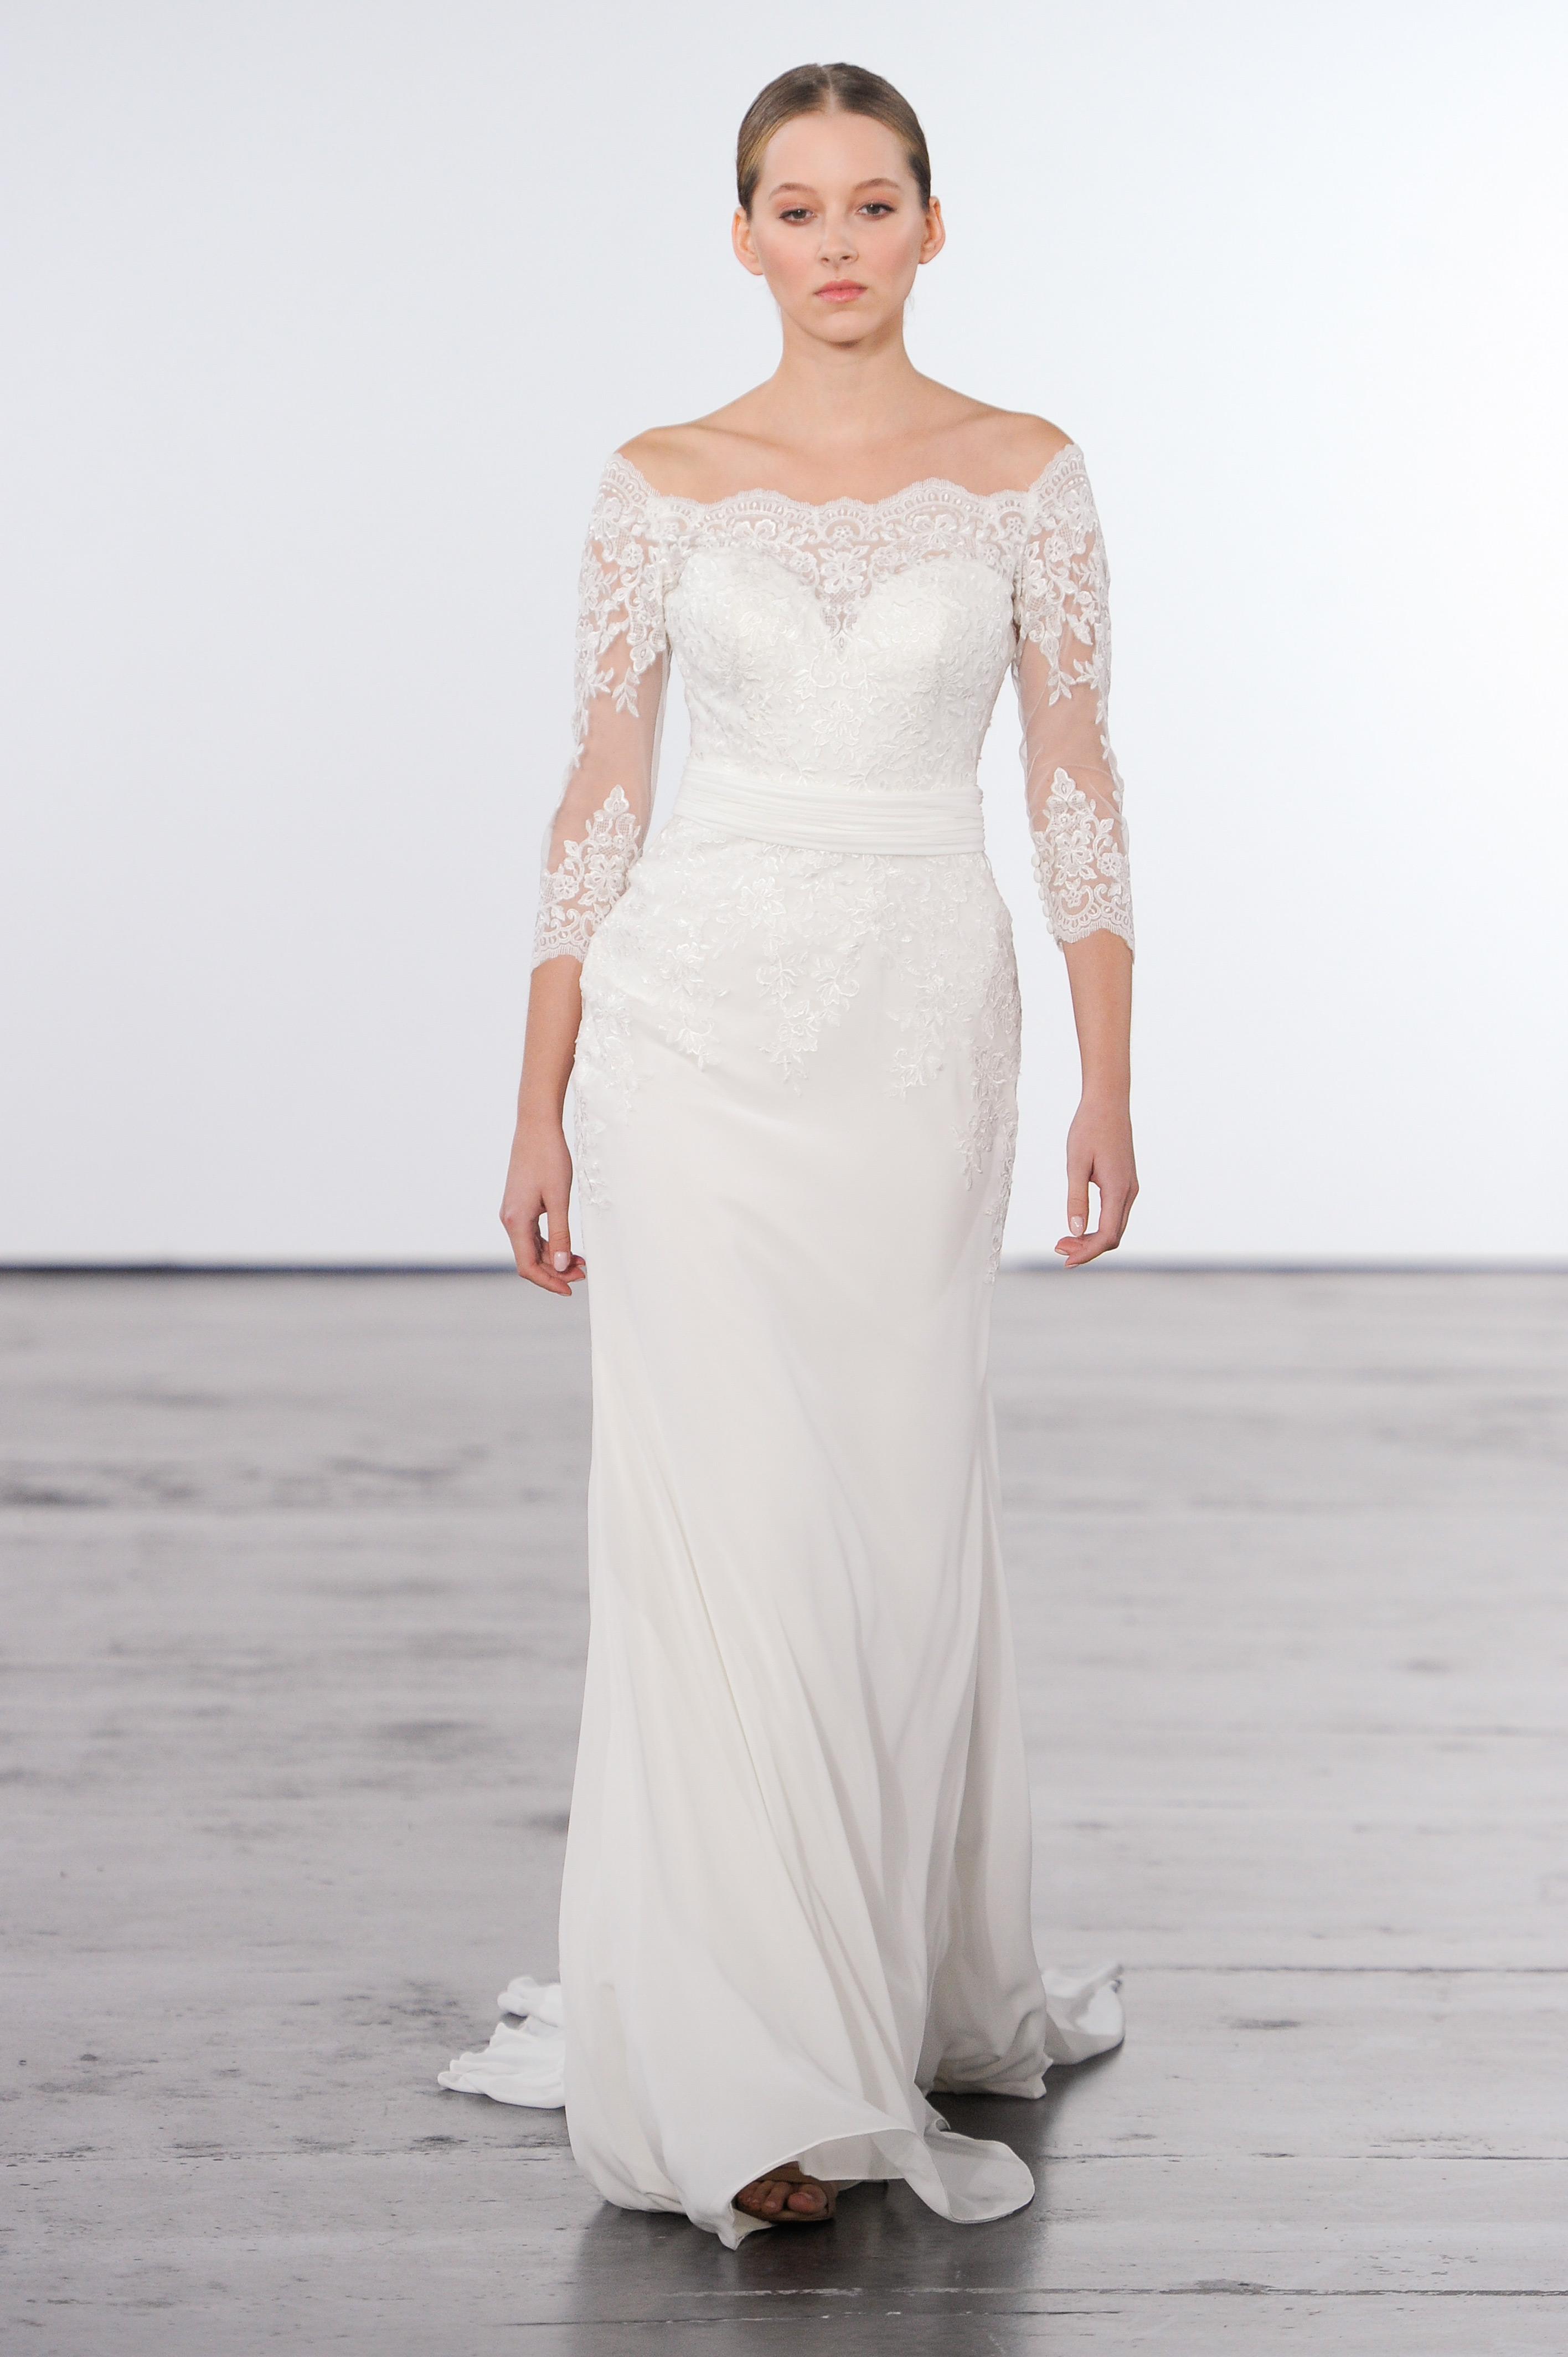 dennis basso wedding dress long sleeve off the shoulder